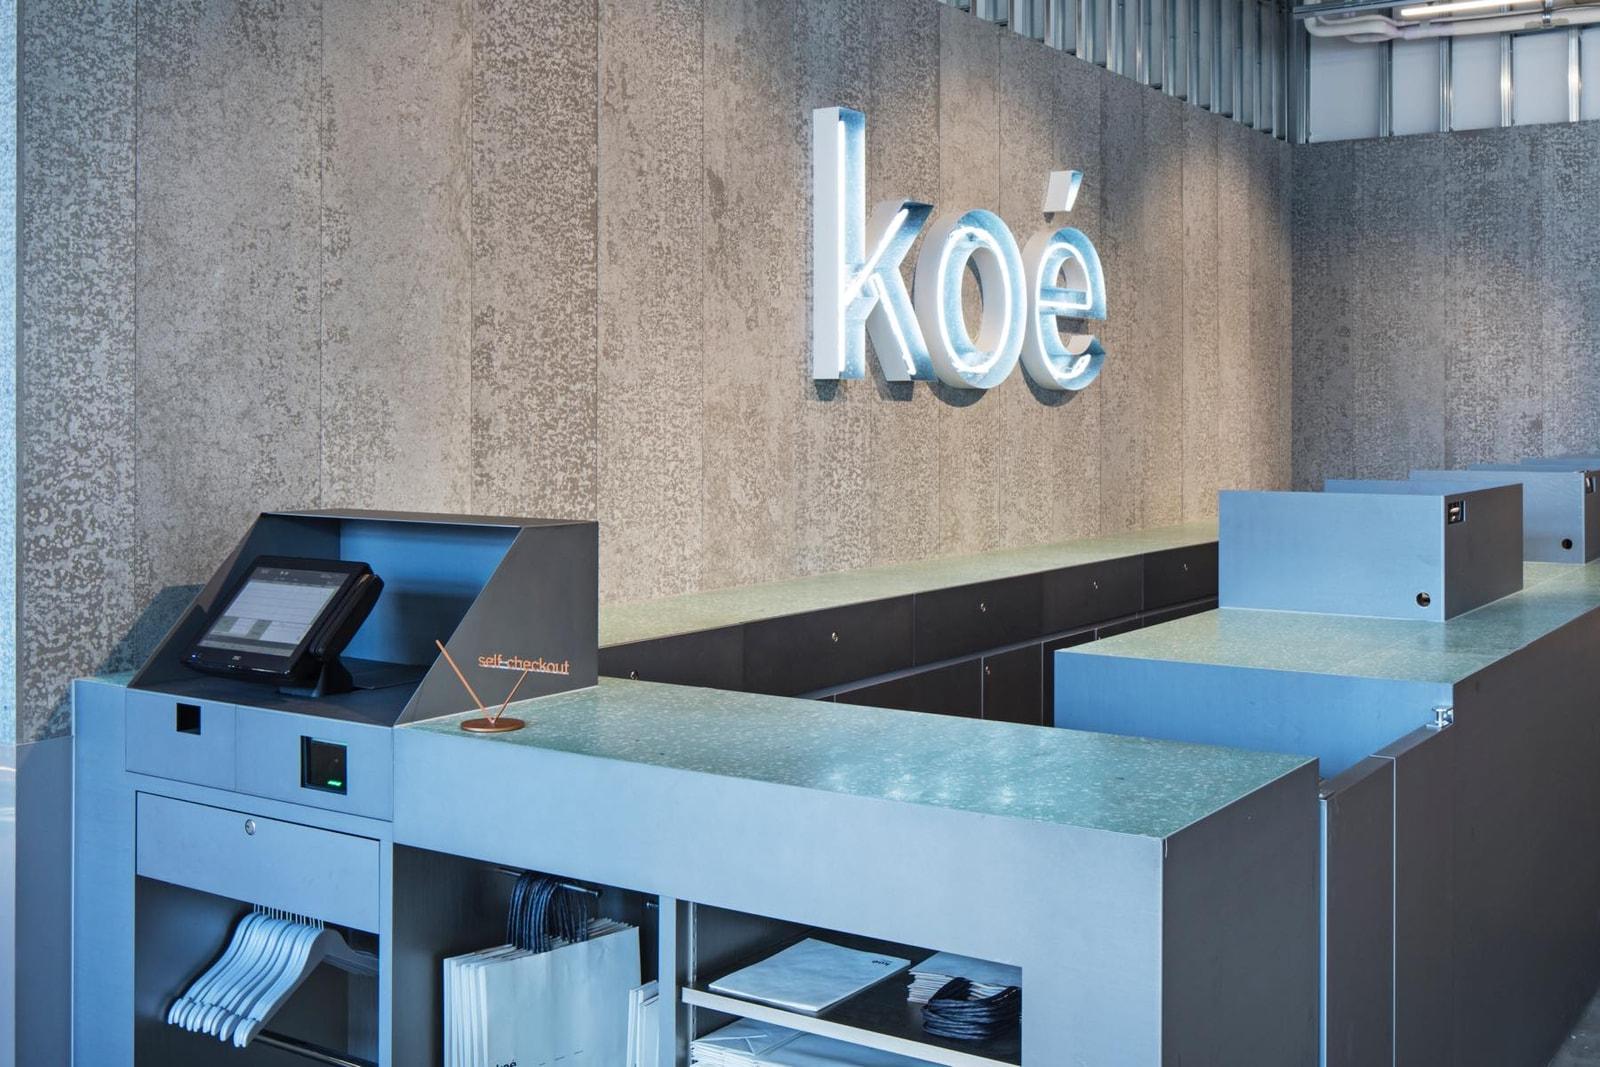 渋谷にkoeのホテル併設型旗艦店『hotel koe tokyo』がオープン コエ HYPEBEAST ハイプビースト